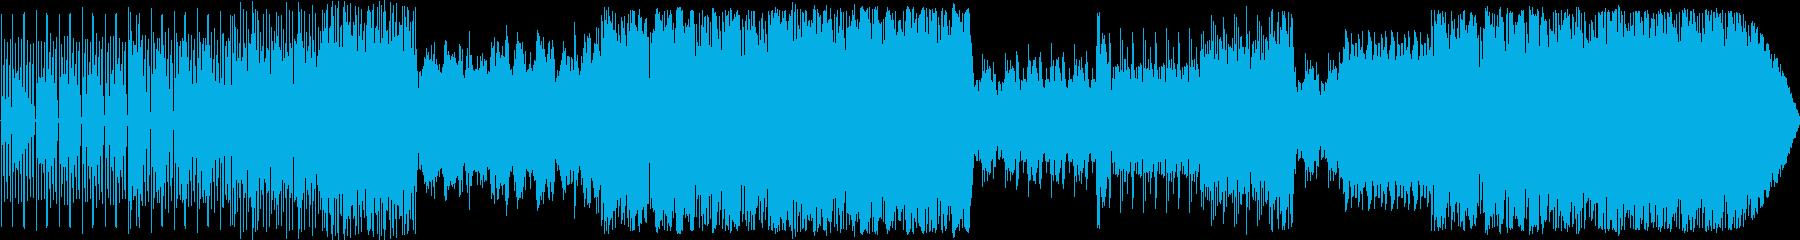 トークBGMにぴったりのデジタルビートの再生済みの波形